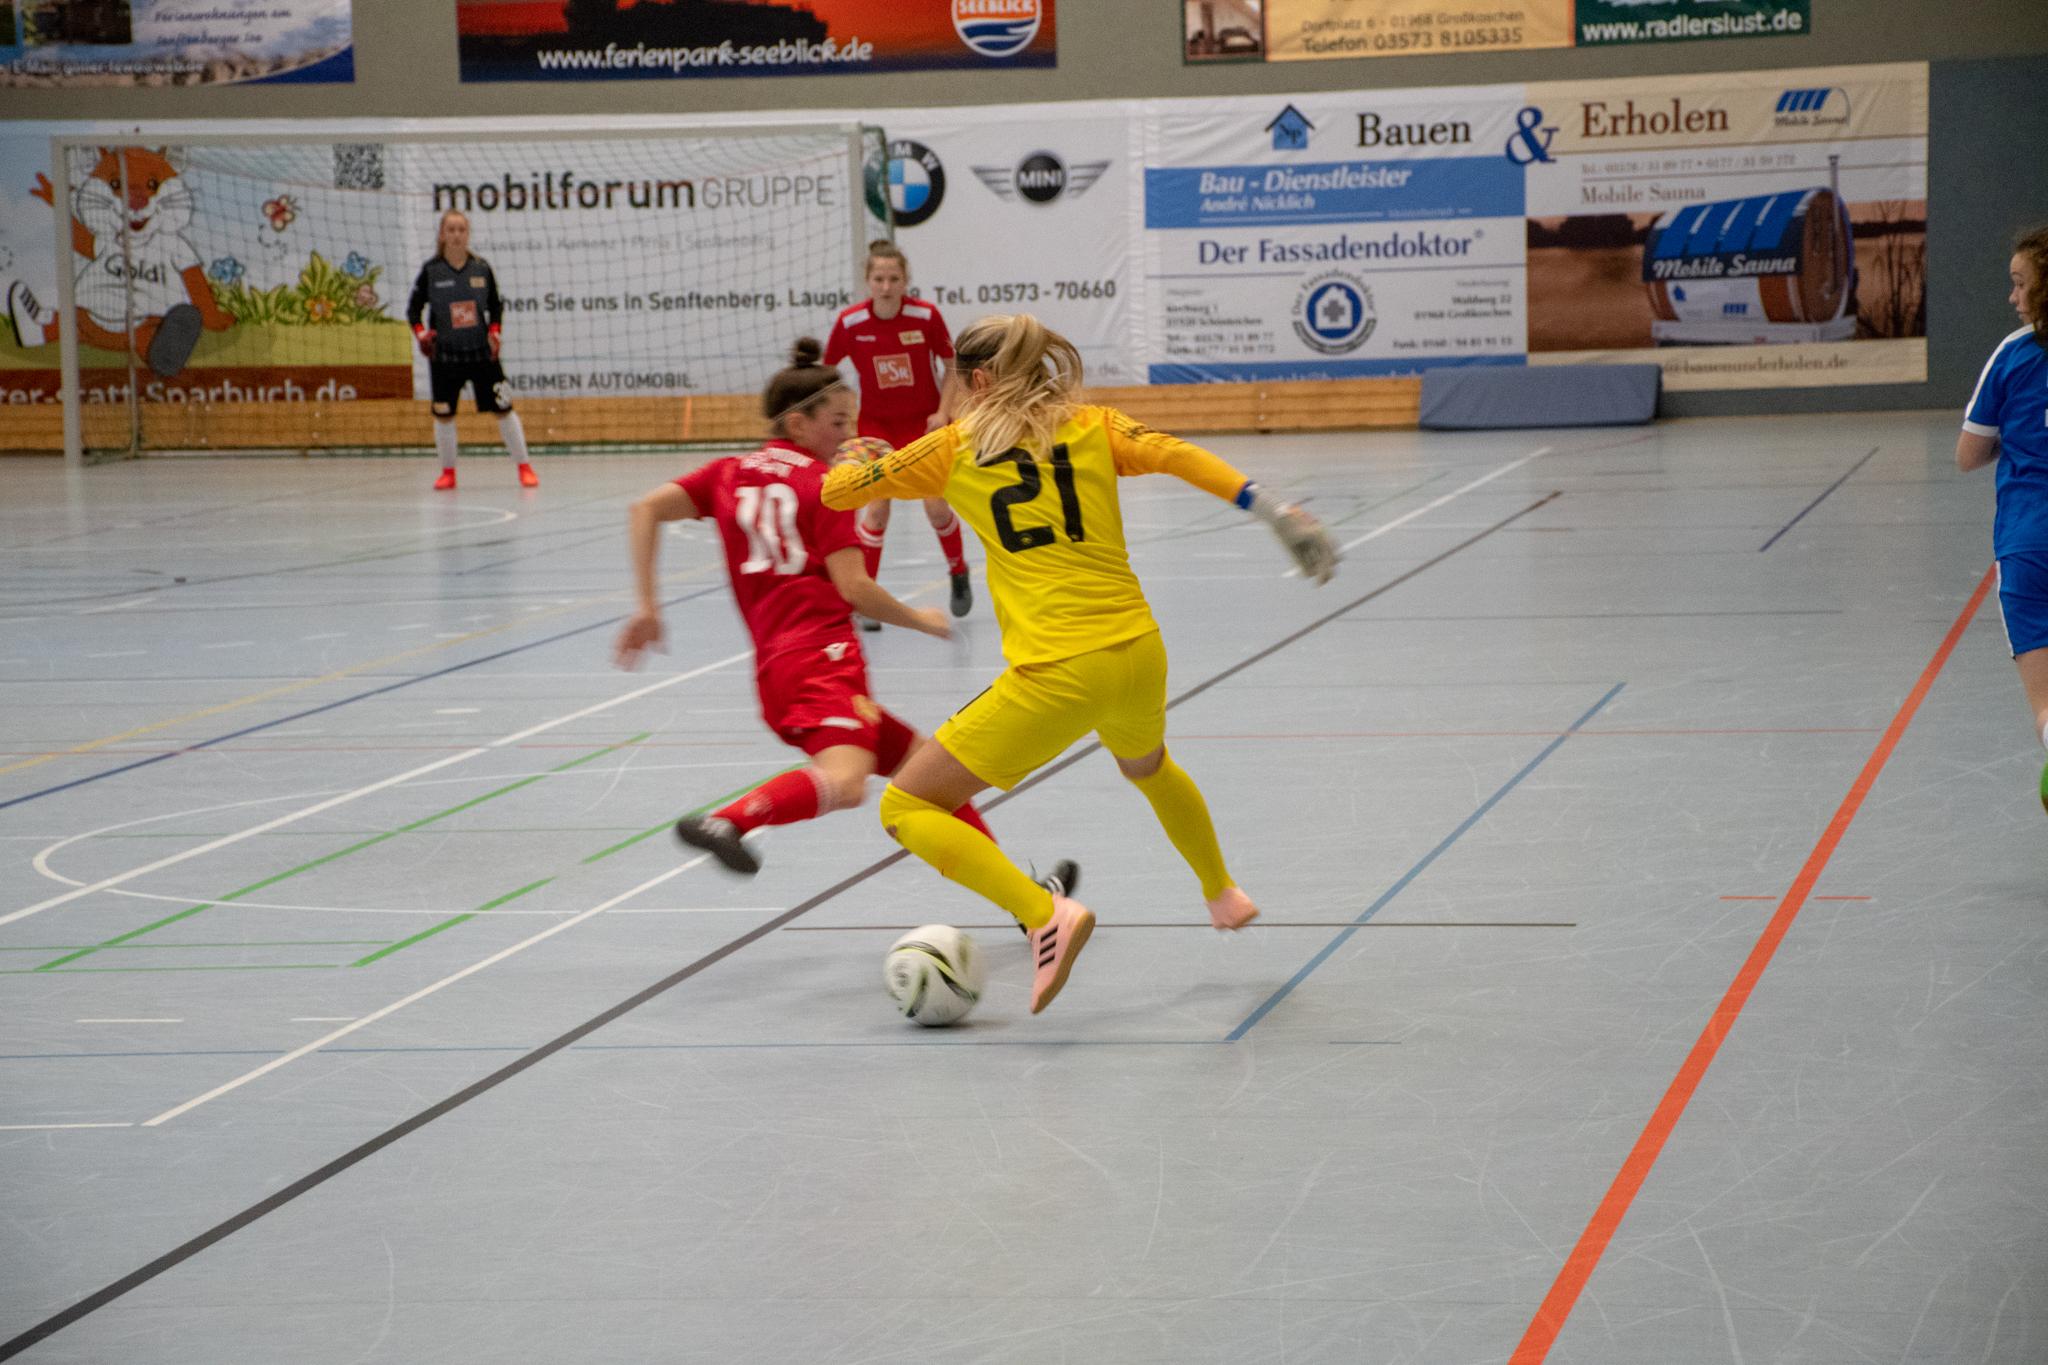 20190113  IDX6977, Frauenfußball, Großkoschen, Seesporthalle, Soccergolf Sachsen, Turnier